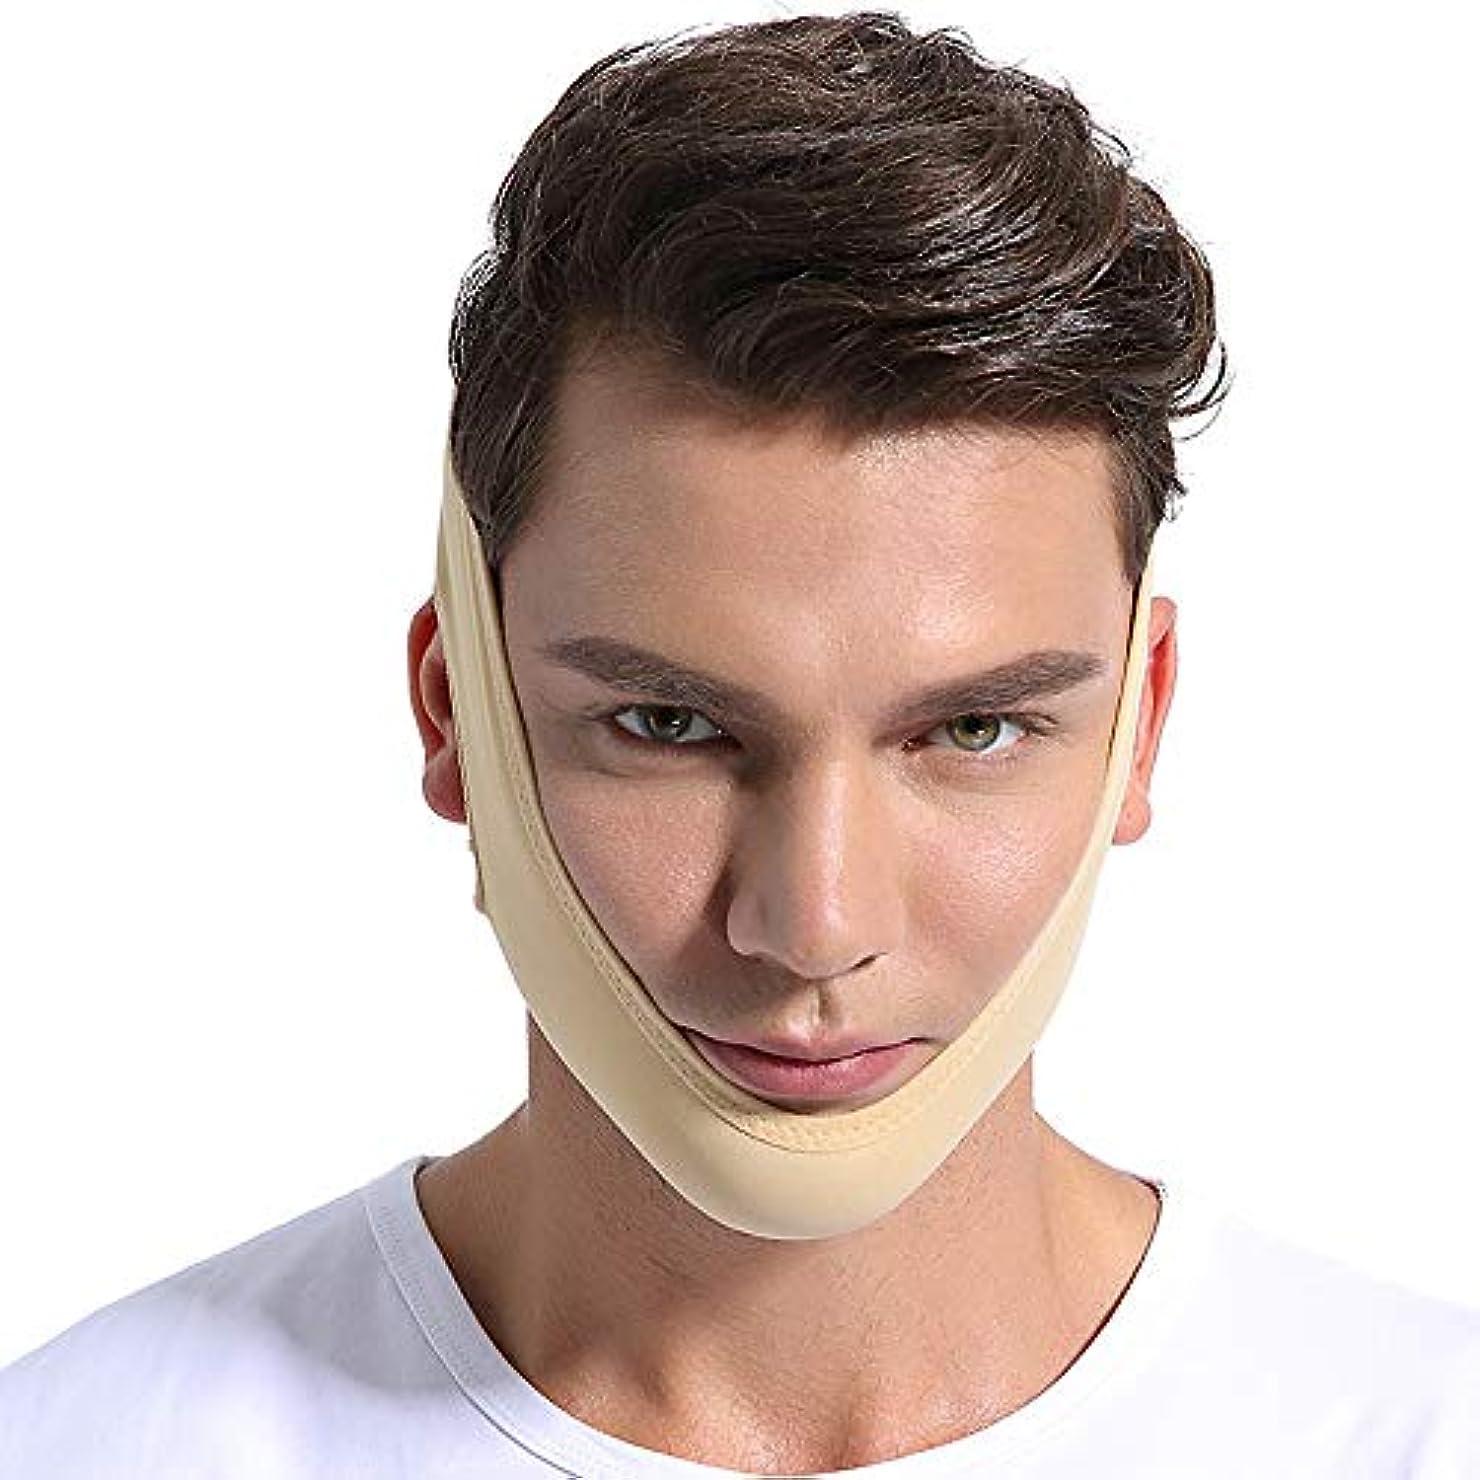 顔面持ち上げ用具、Vフェイスの薄い顔の包帯顔面マッサージ器リフティングパッキングマスク,L